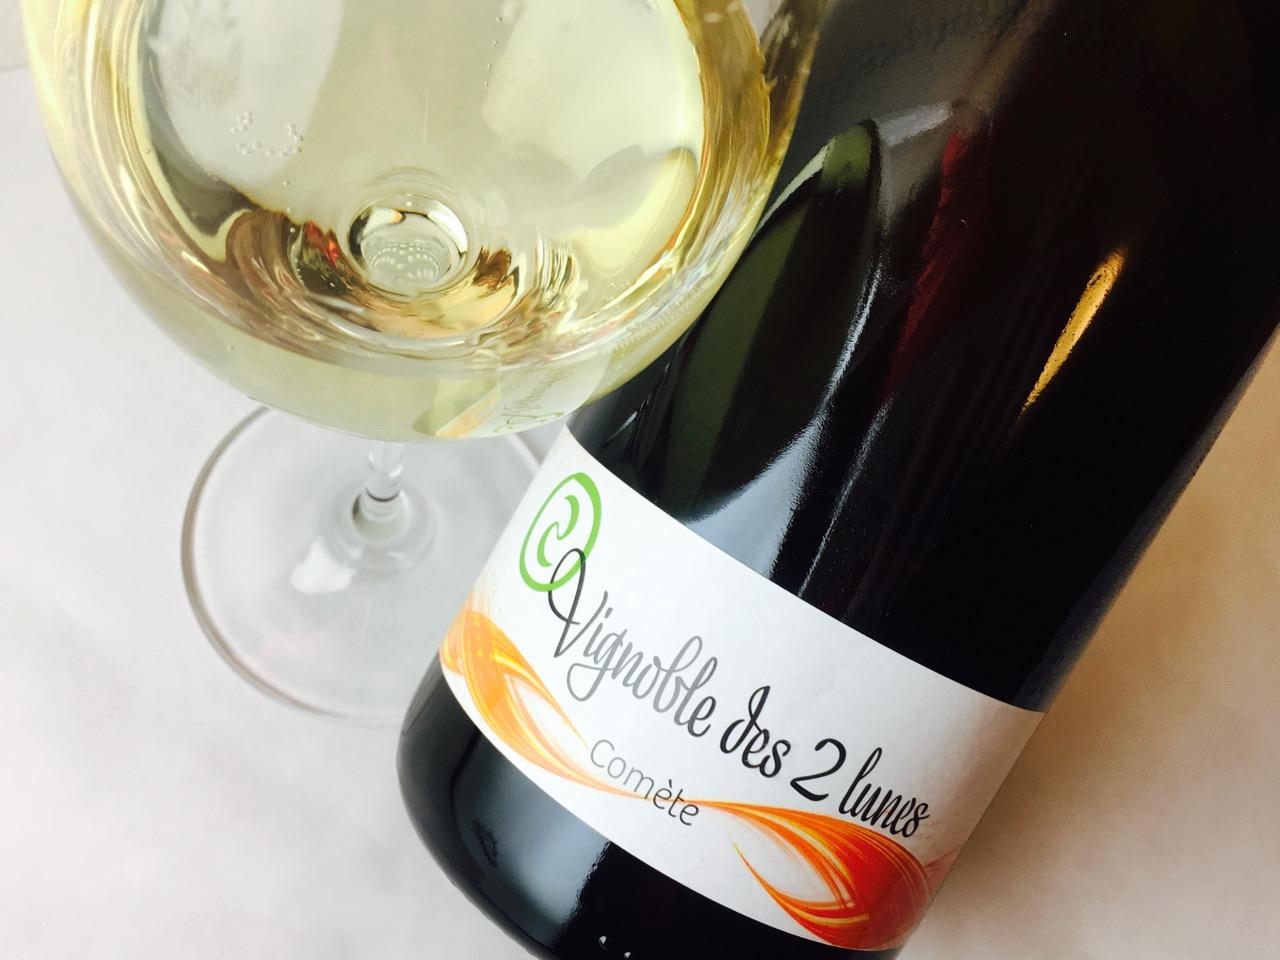 2013 Vignoble des 2 Lunes Comète Crémant d'Alsace